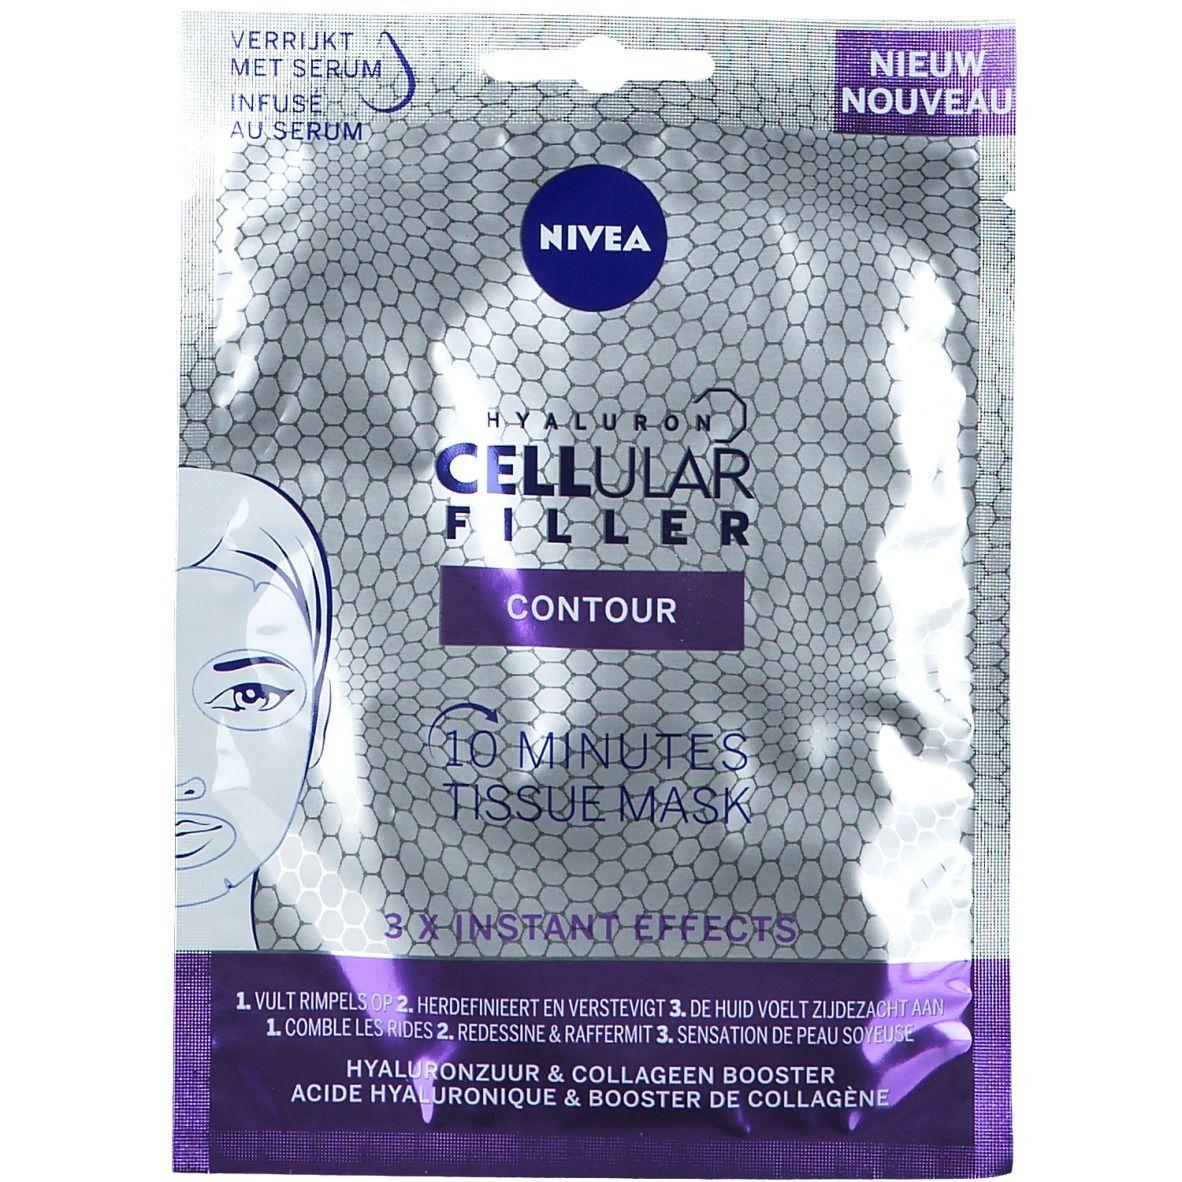 Image of NIVEA CELLular Filler Contour Tuchmaske